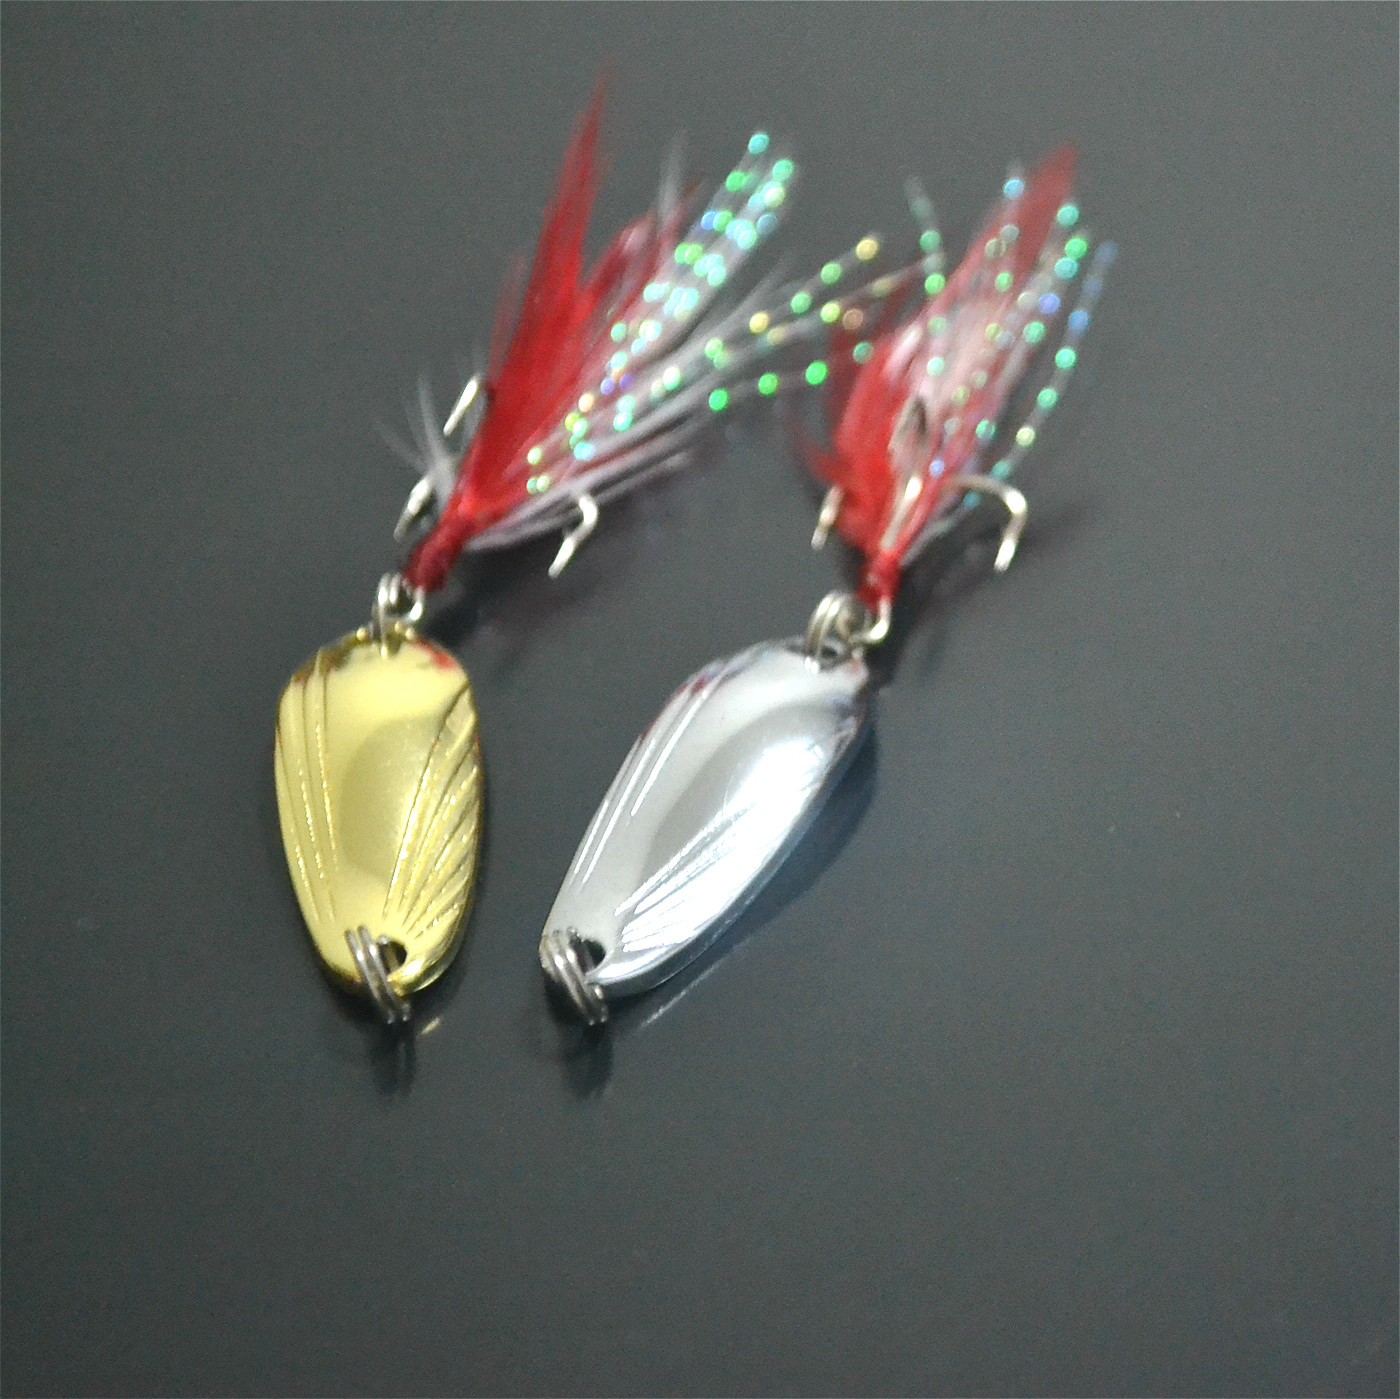 贝壳勺型路亚亮片2.5-13克翘嘴马口白条鲶鱼 铁板金属假饵拟饵